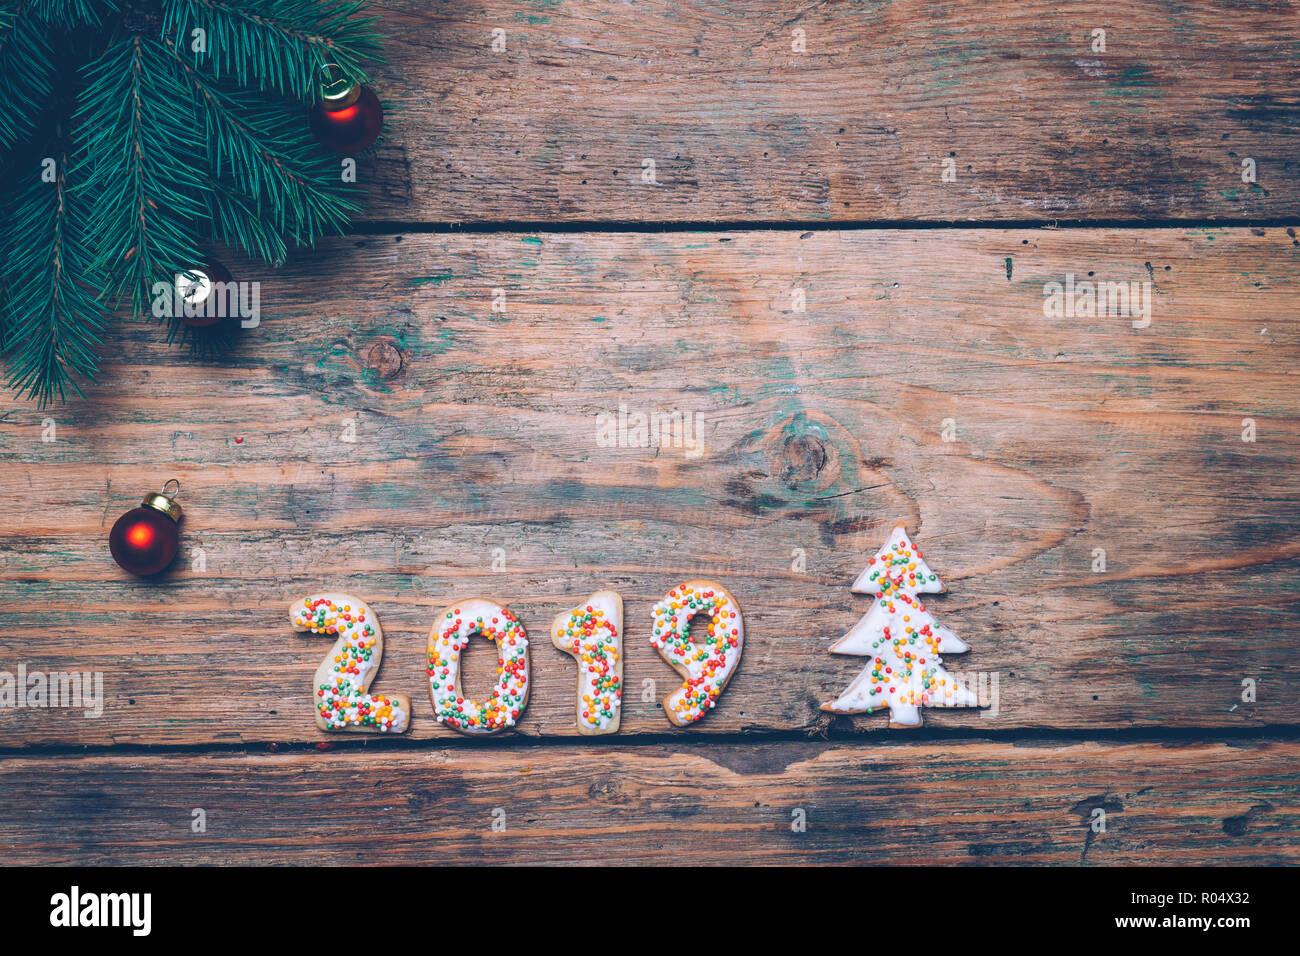 Neue Weihnachtsplätzchen 2019.2019 Hintergrund Frohes Neues Jahr 2019 Weihnachtsplätzchen In Form